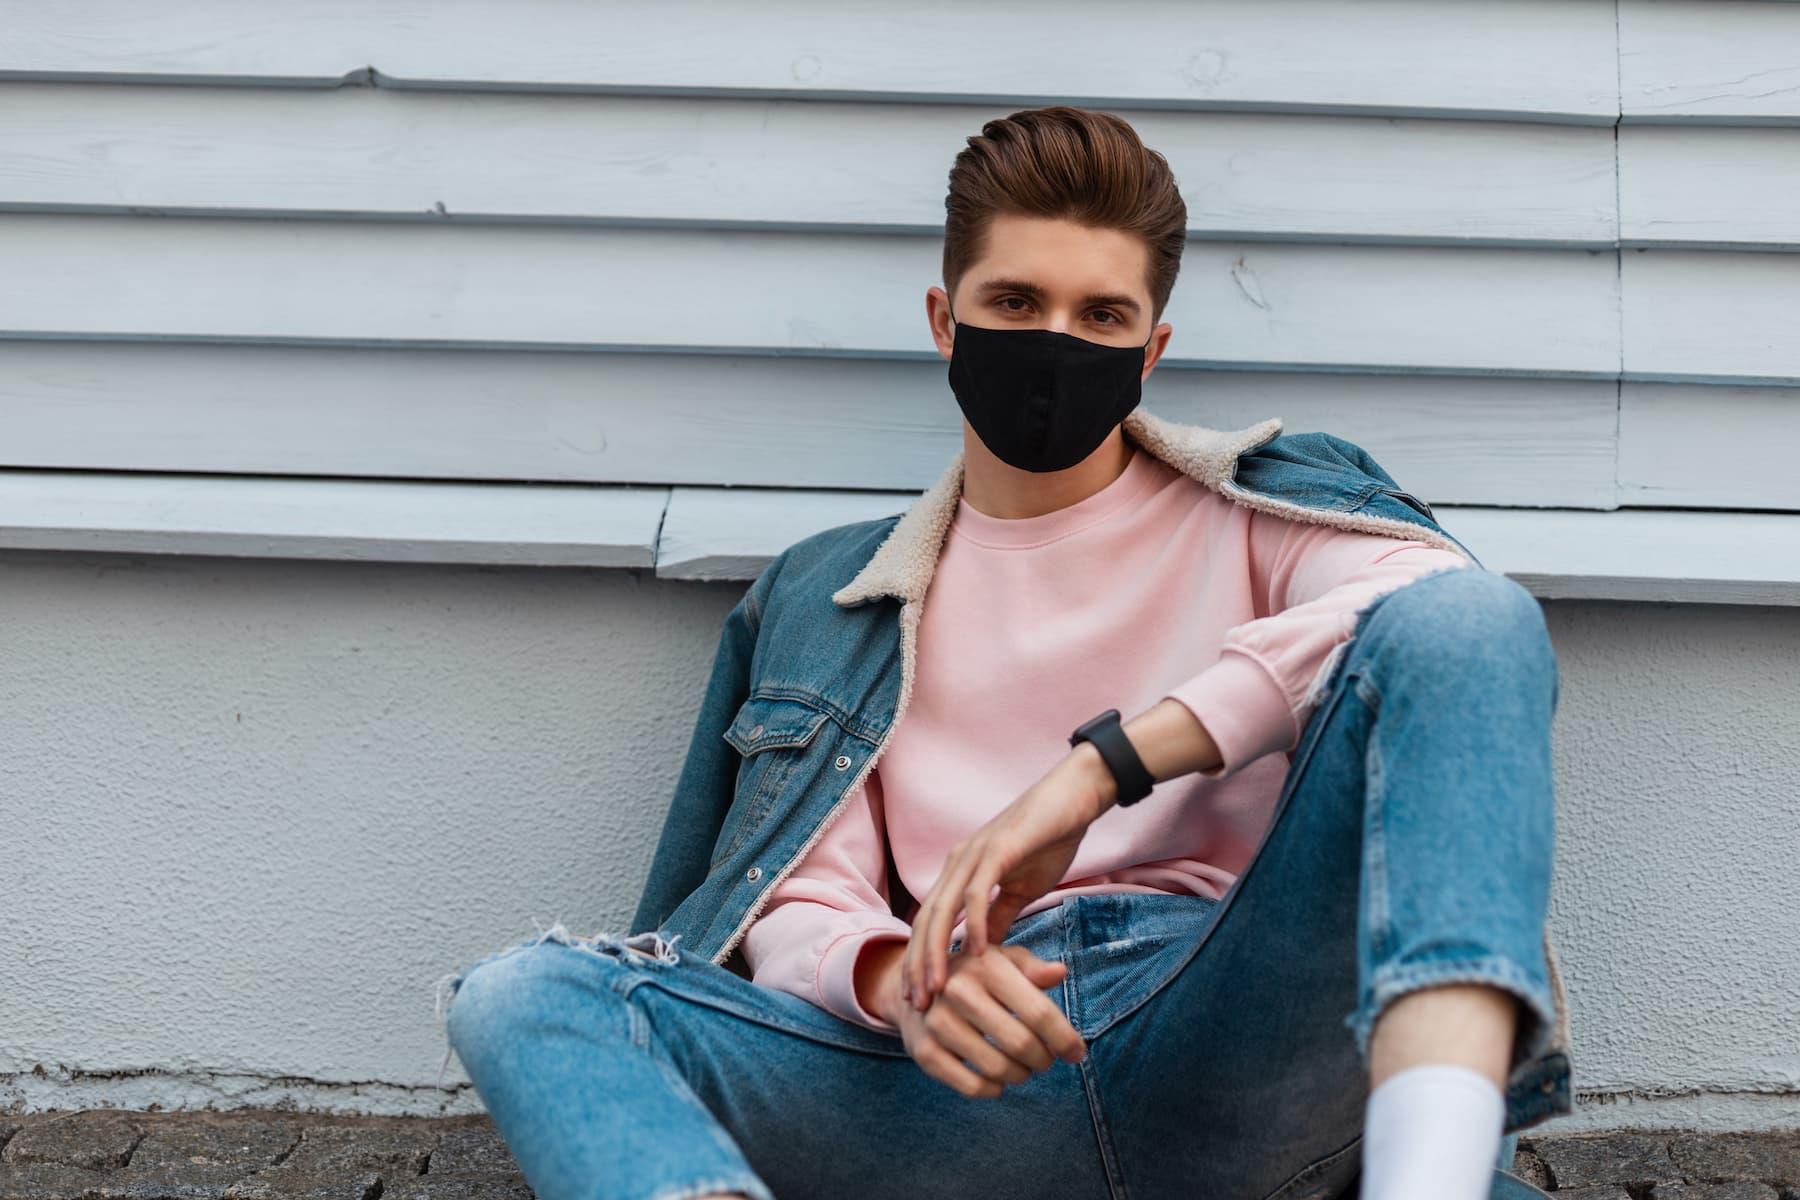 Rok po pandemii. 5 zmian w modzie, których mogłeś nie zauważyć